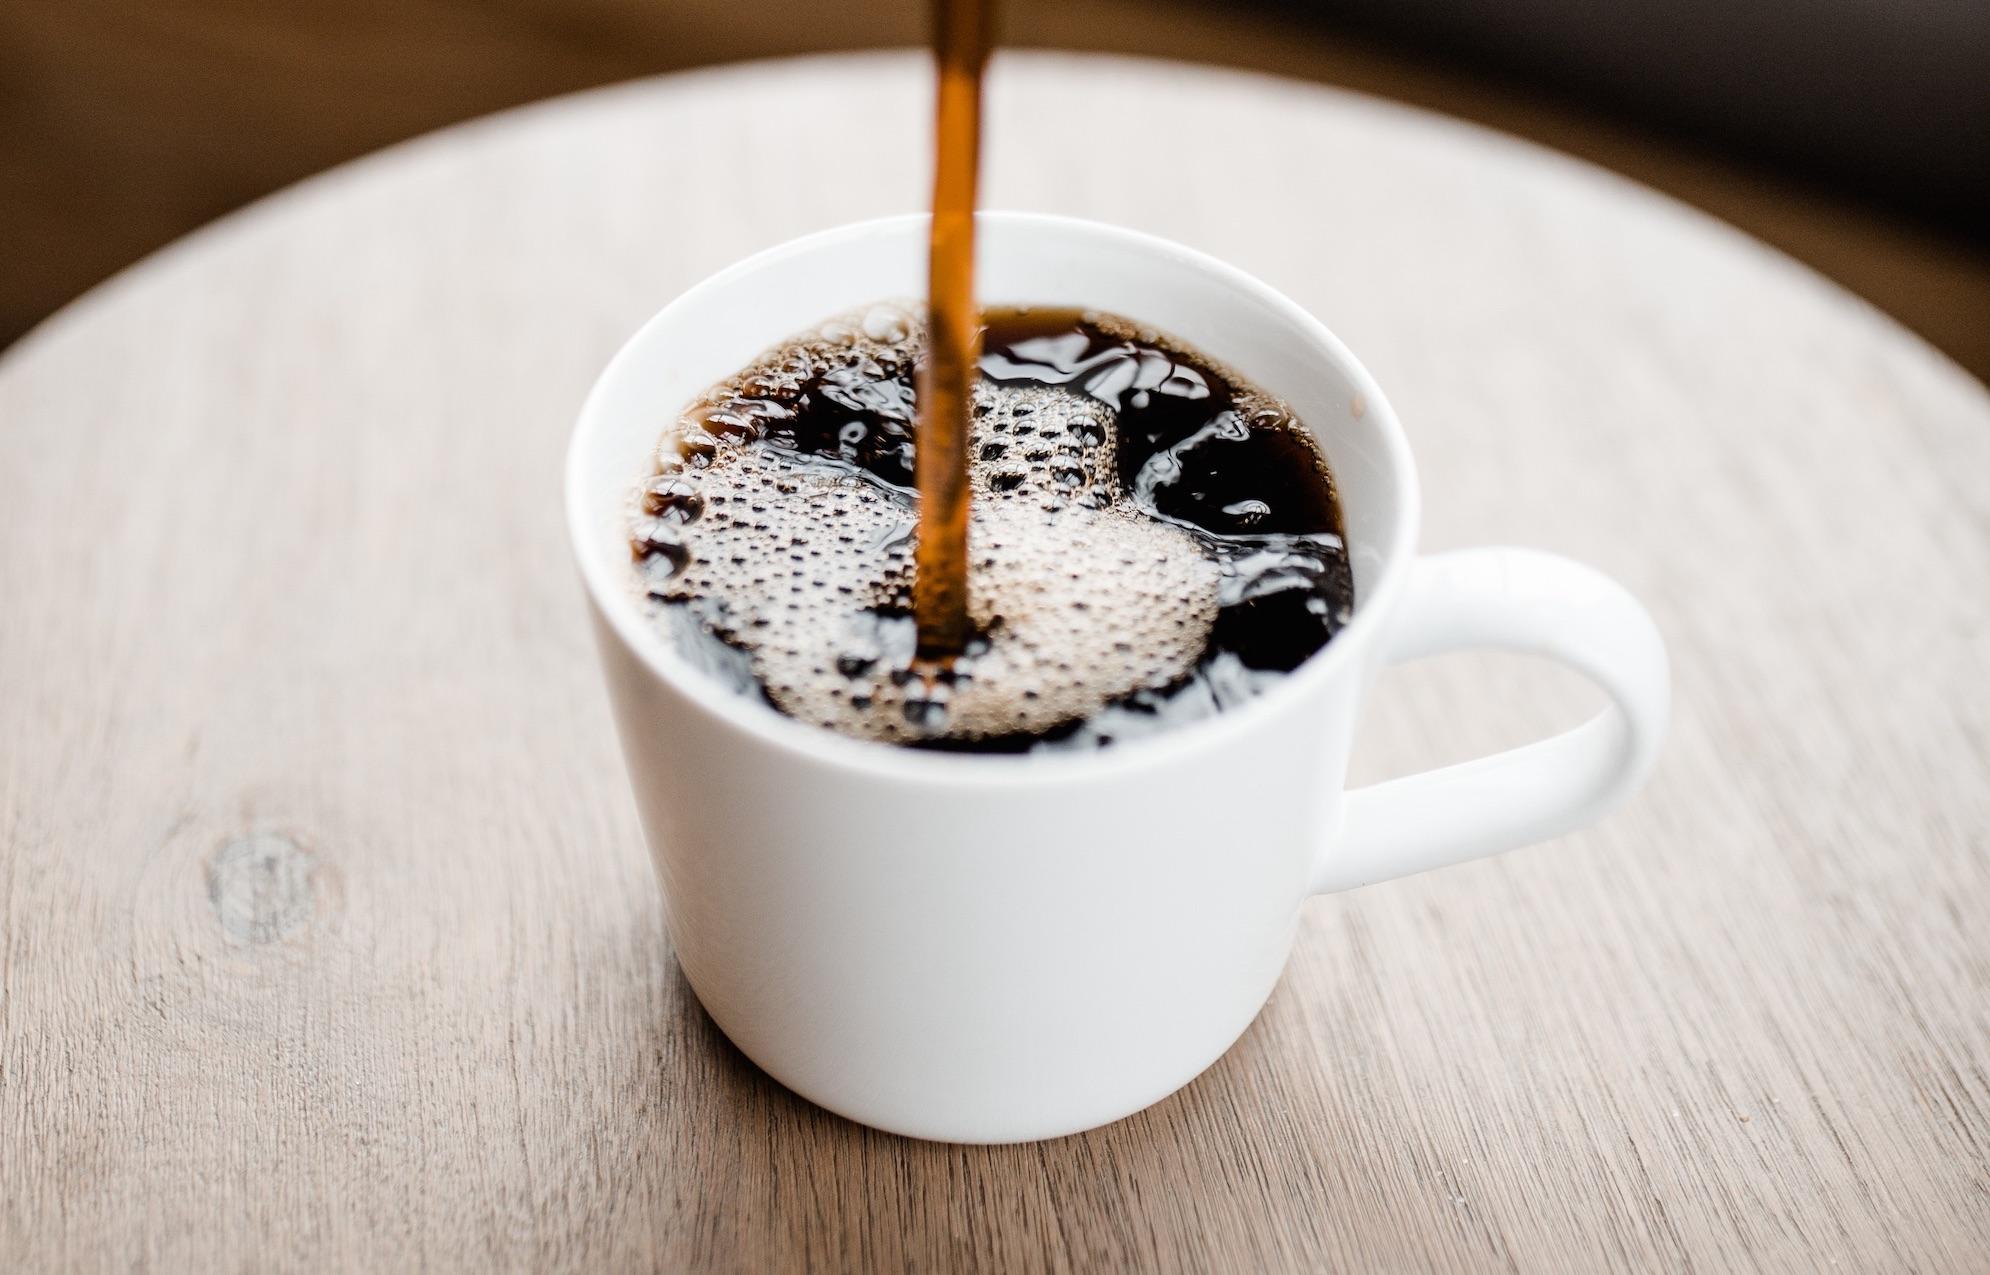 omslagsbild för artikel om kaffebryggare hos designinredning